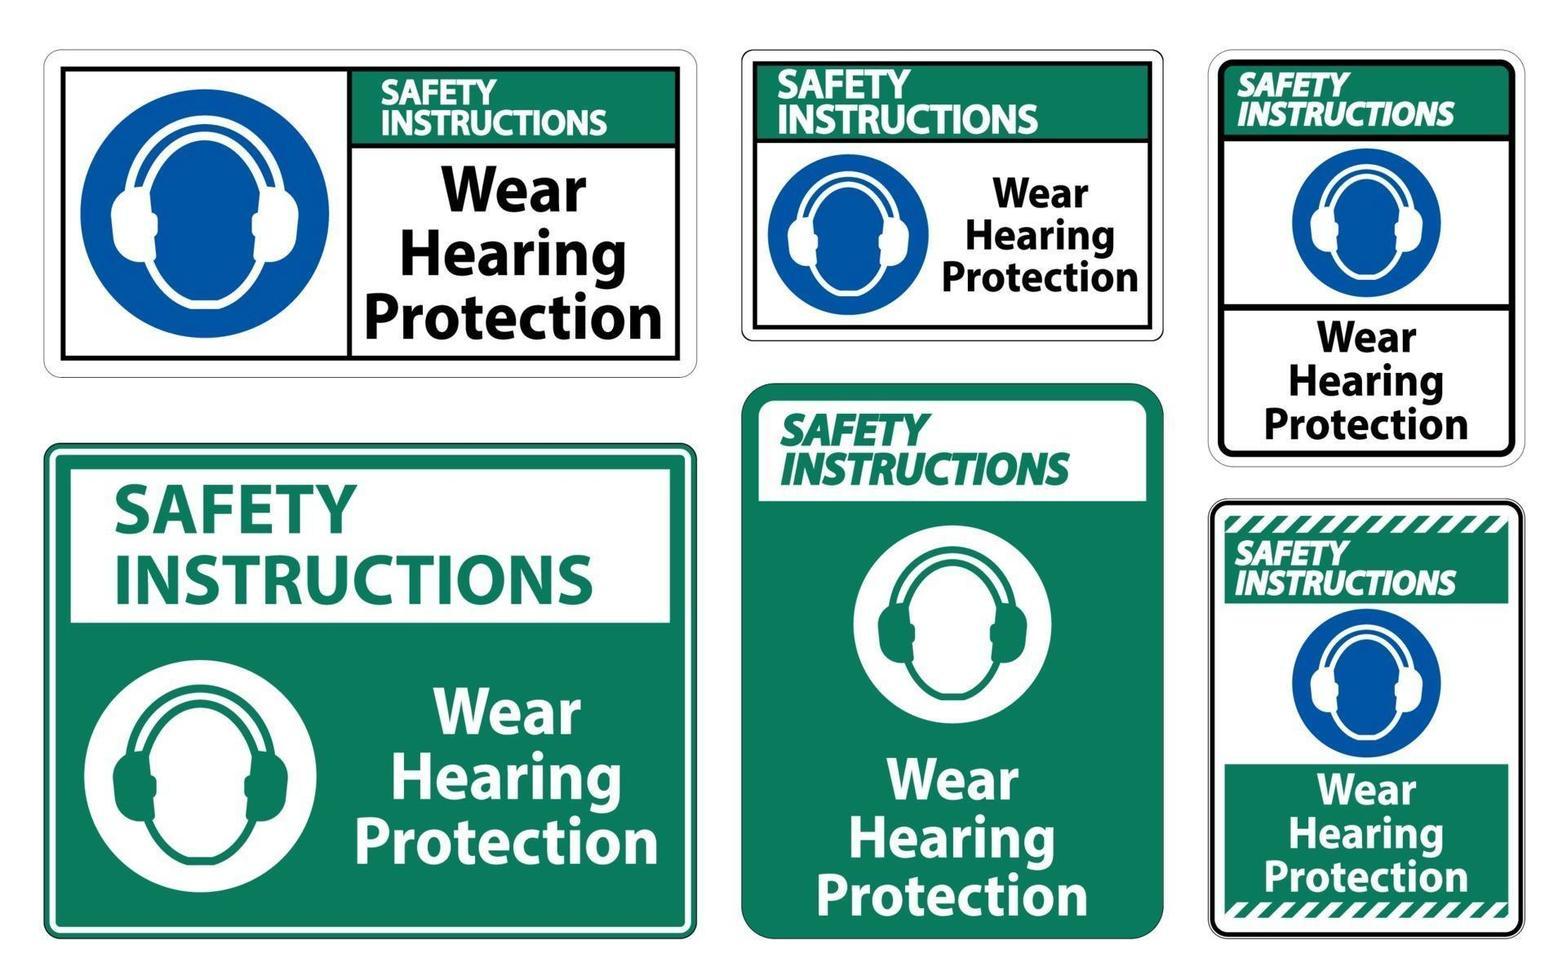 Consignes de sécurité portent un signe de protection auditive sur fond blanc vecteur